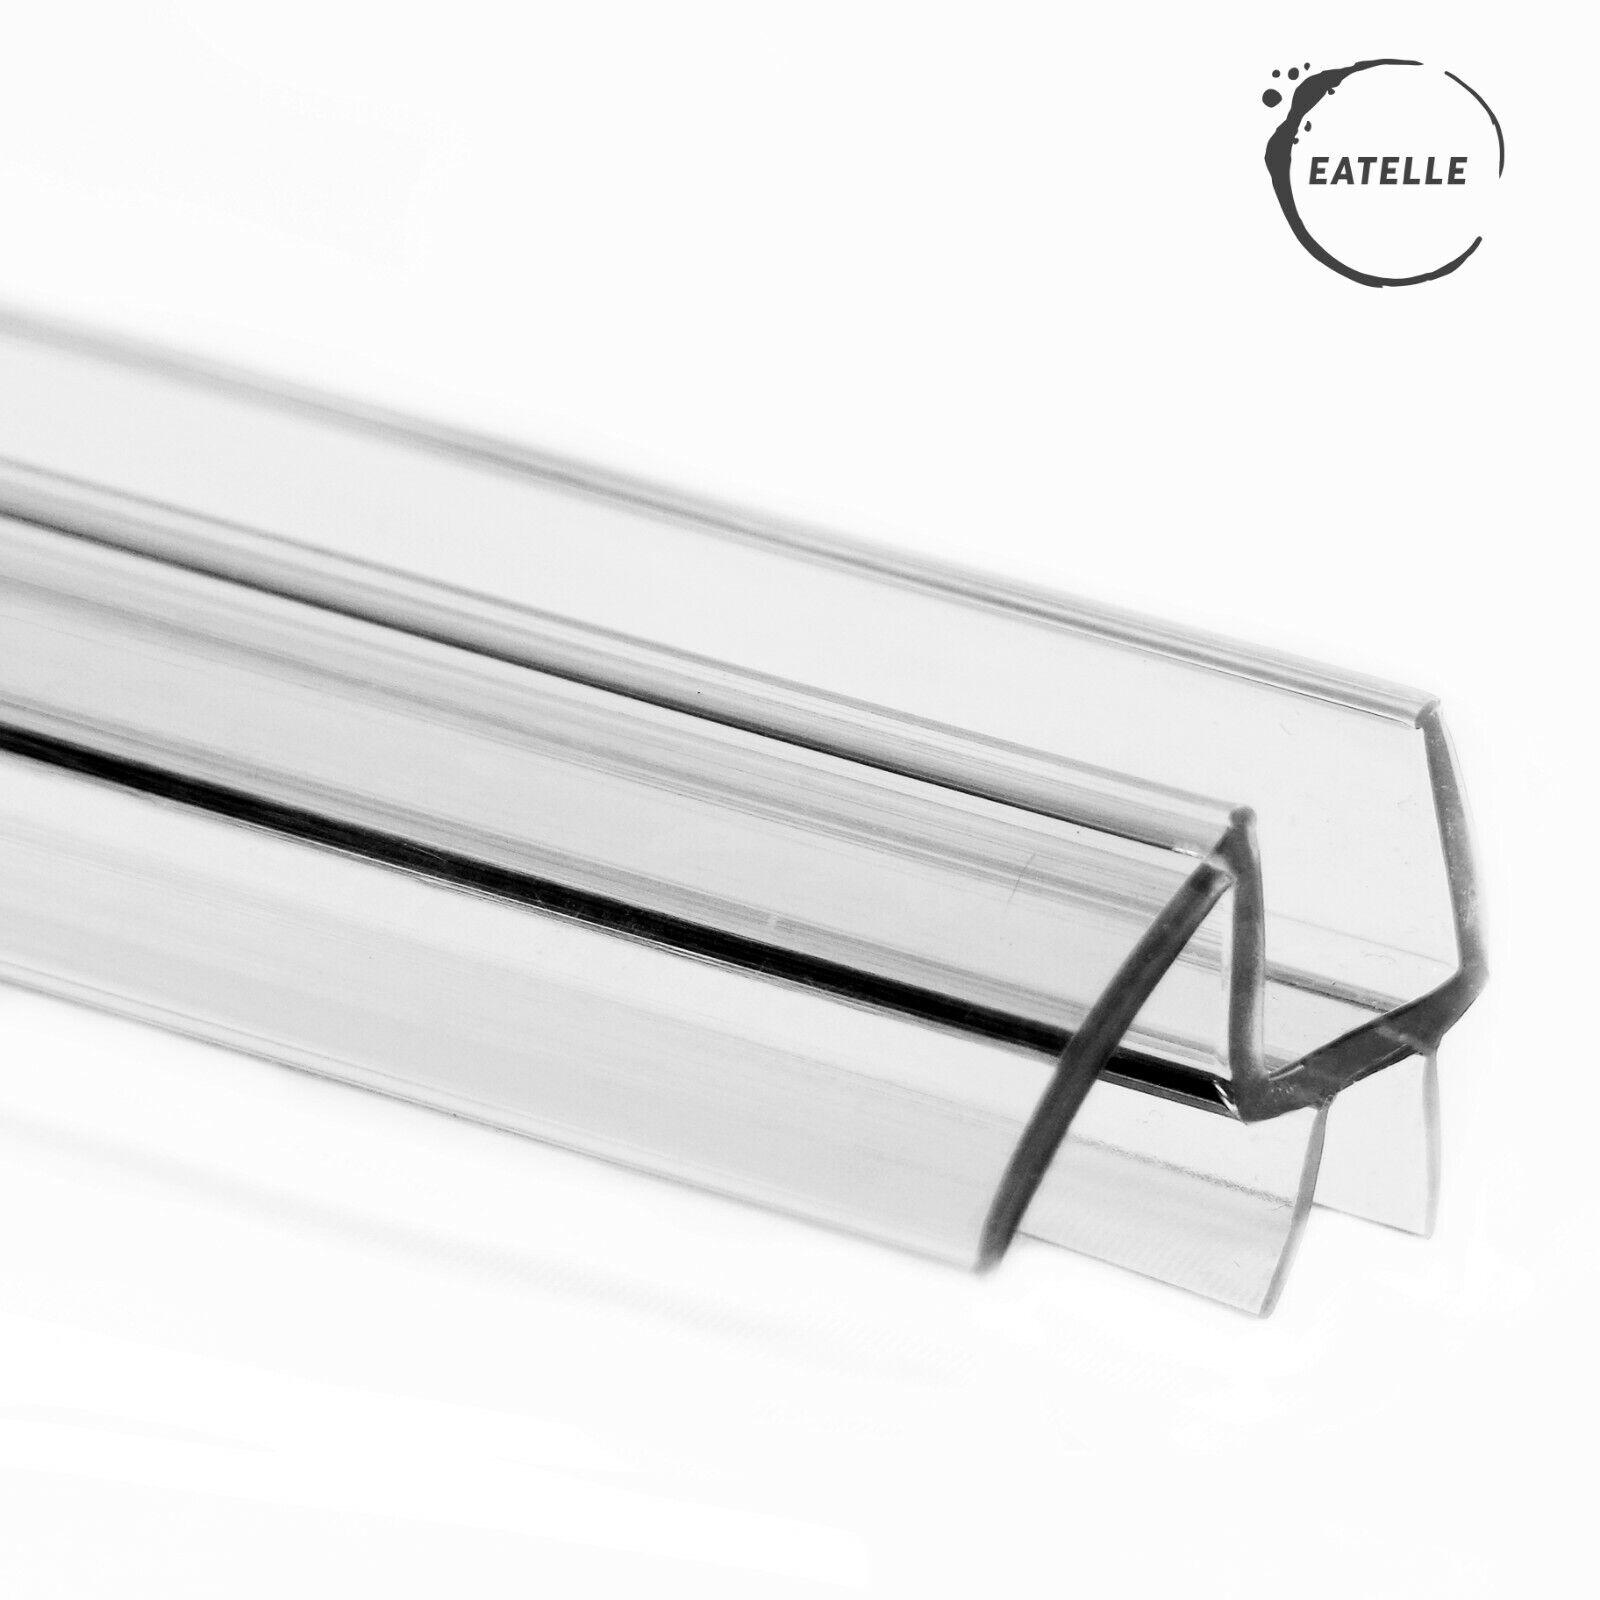 Eatelle 1 4 Inch 6mm Frameless Shower Door Sweep Bottom Seal Wipe Drip Rail 36 L